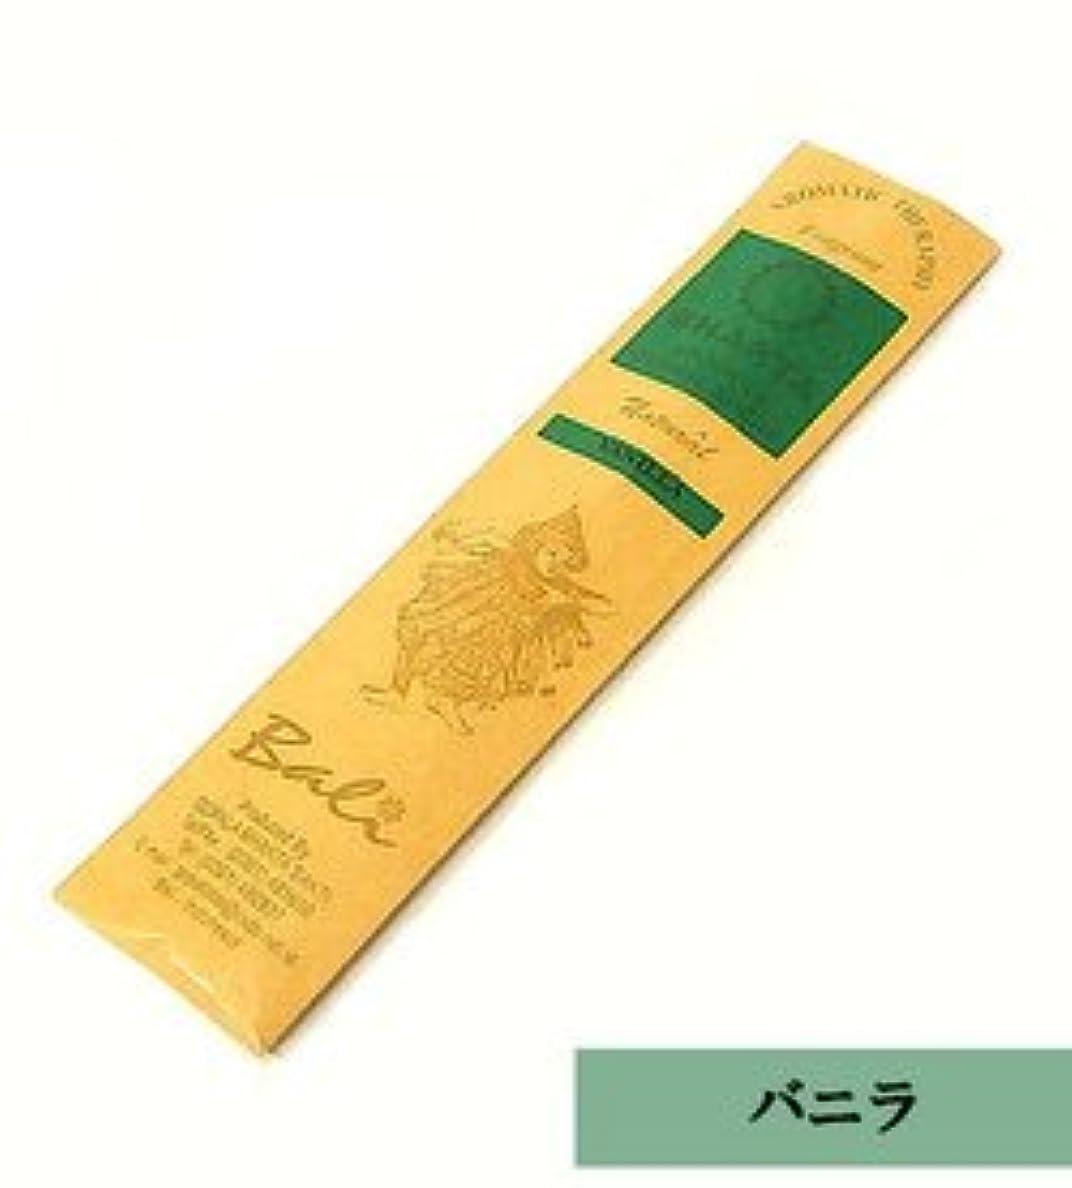 バウンス着実に想定バリのお香 BHAKTA 【バニラ】 VANILLA ロングスティック 20本入り アジアン雑貨